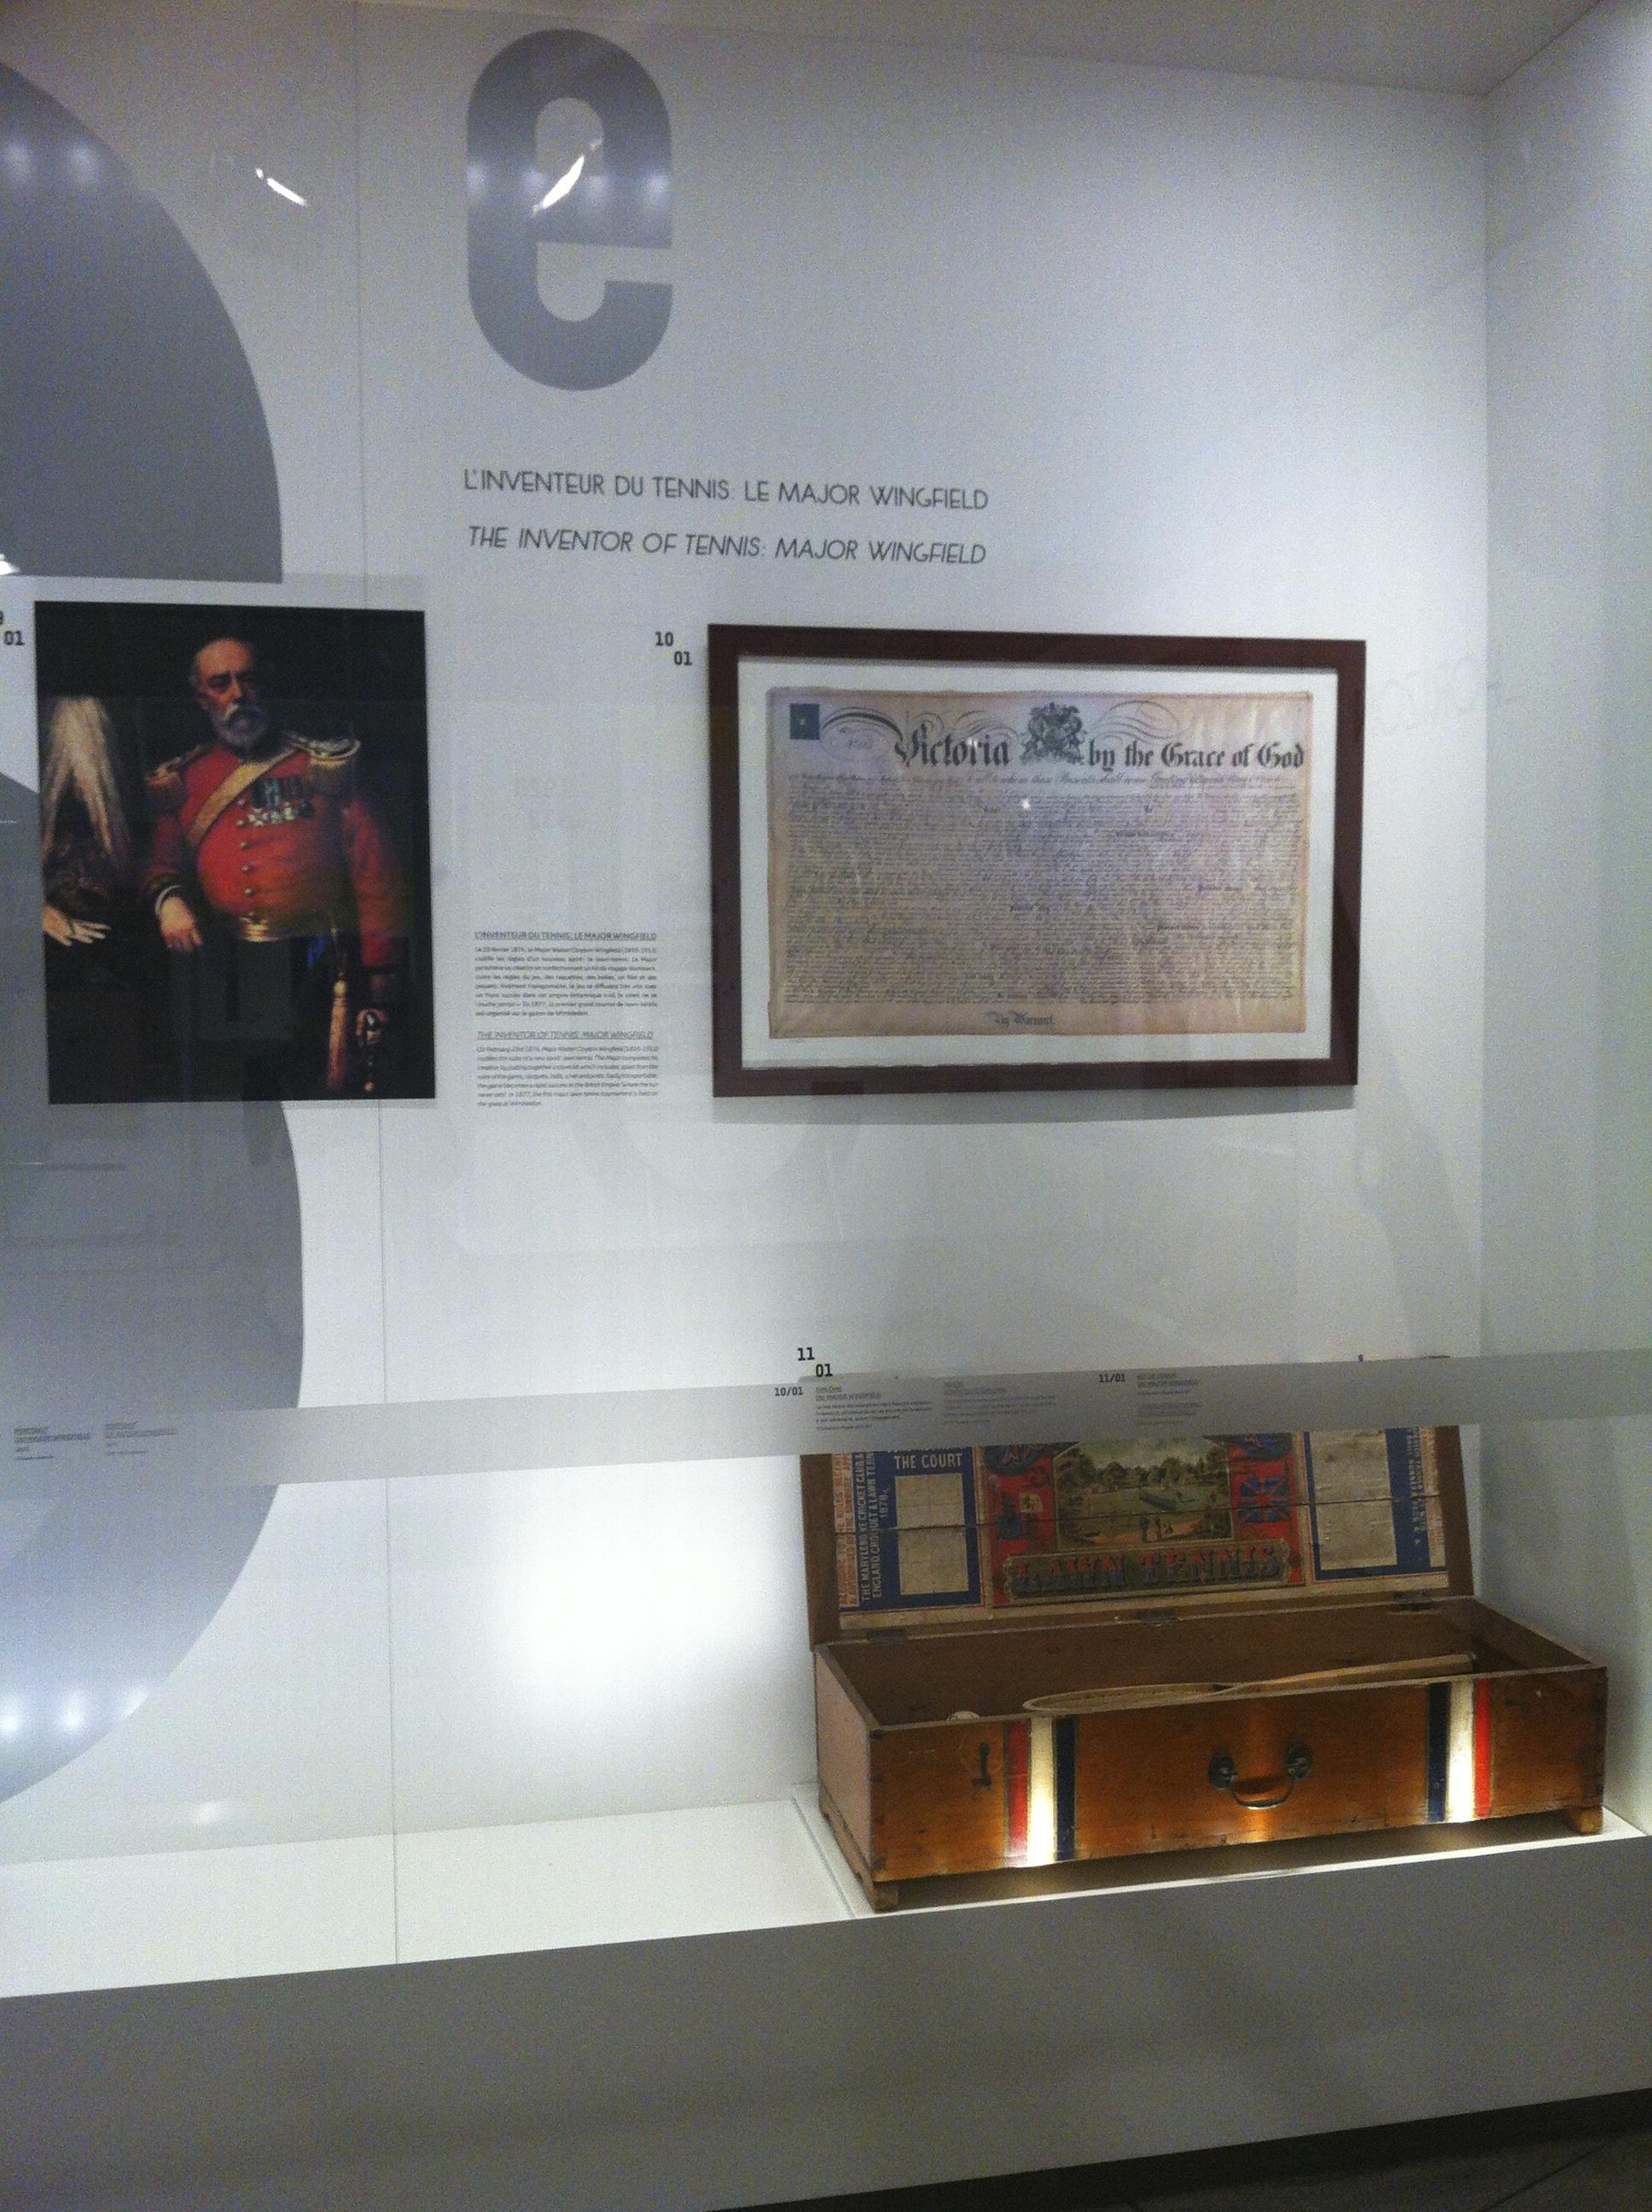 En 1415, le duc d'Orléans est emprisonné pendant deux décennies en Angleterre, où il introduit le jeu de paume. Quatre siècles plus tard, le descendant du chatelain des lieux, Walter Clopton Wingfield, adapte ce sport sur herbe. Ainsi naît le tennis, baptisé Lawn Tennis (tennis sur gazon) par les Anglais, tandis que le jeu de paume prend le nom de Real Tennis (vrai tennis).